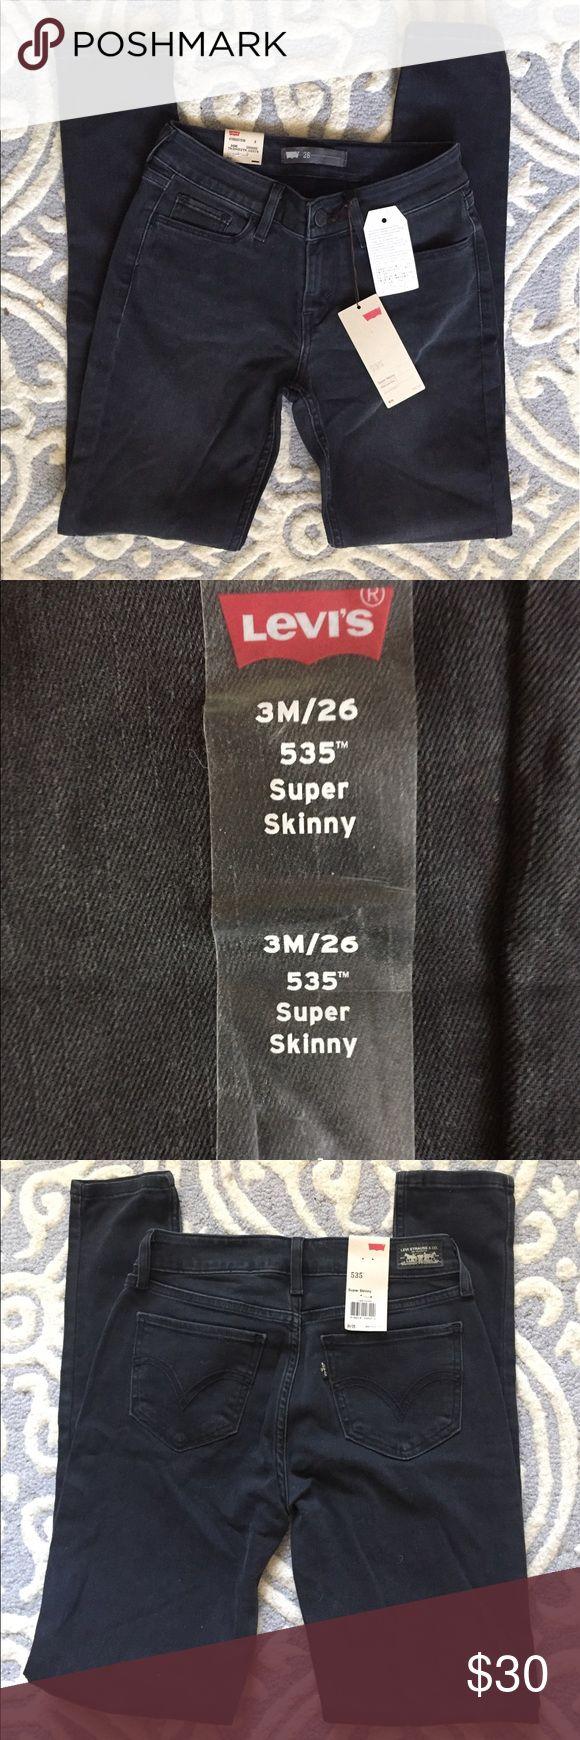 Black Levi's 535 Super Skinny Jeans Black Levi's 535 super skinny. New with tags! Levi's Jeans Skinny